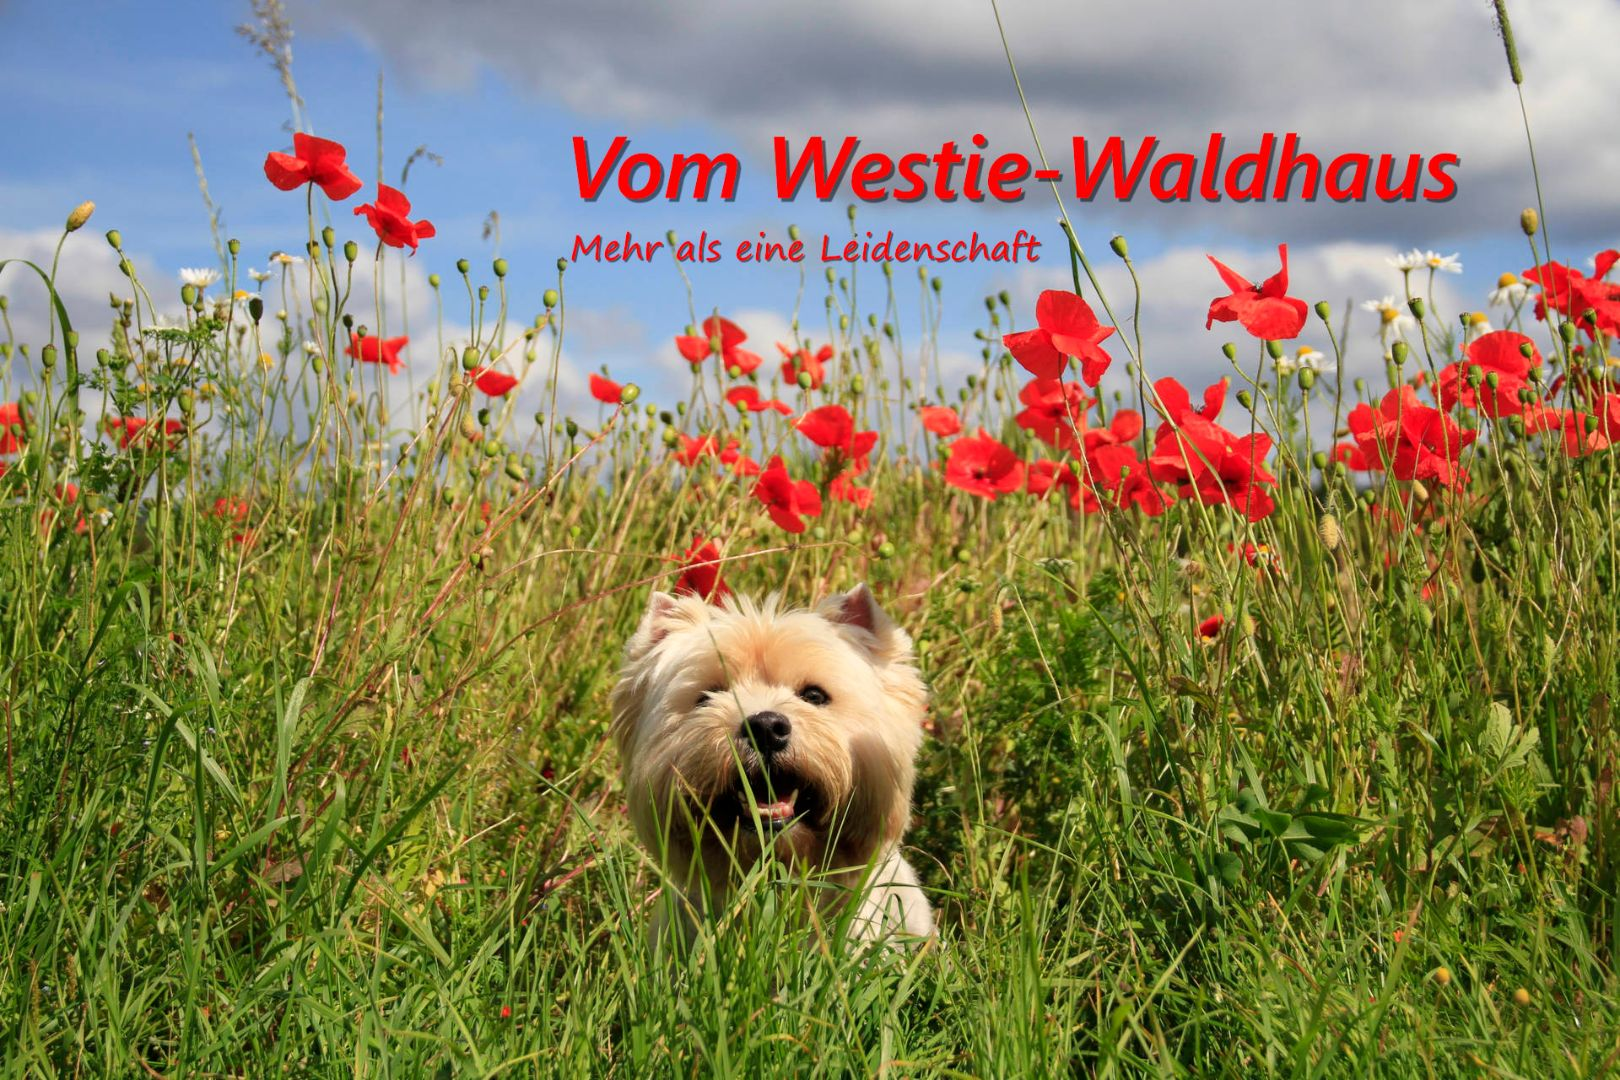 Vom Westie-Waldhaus